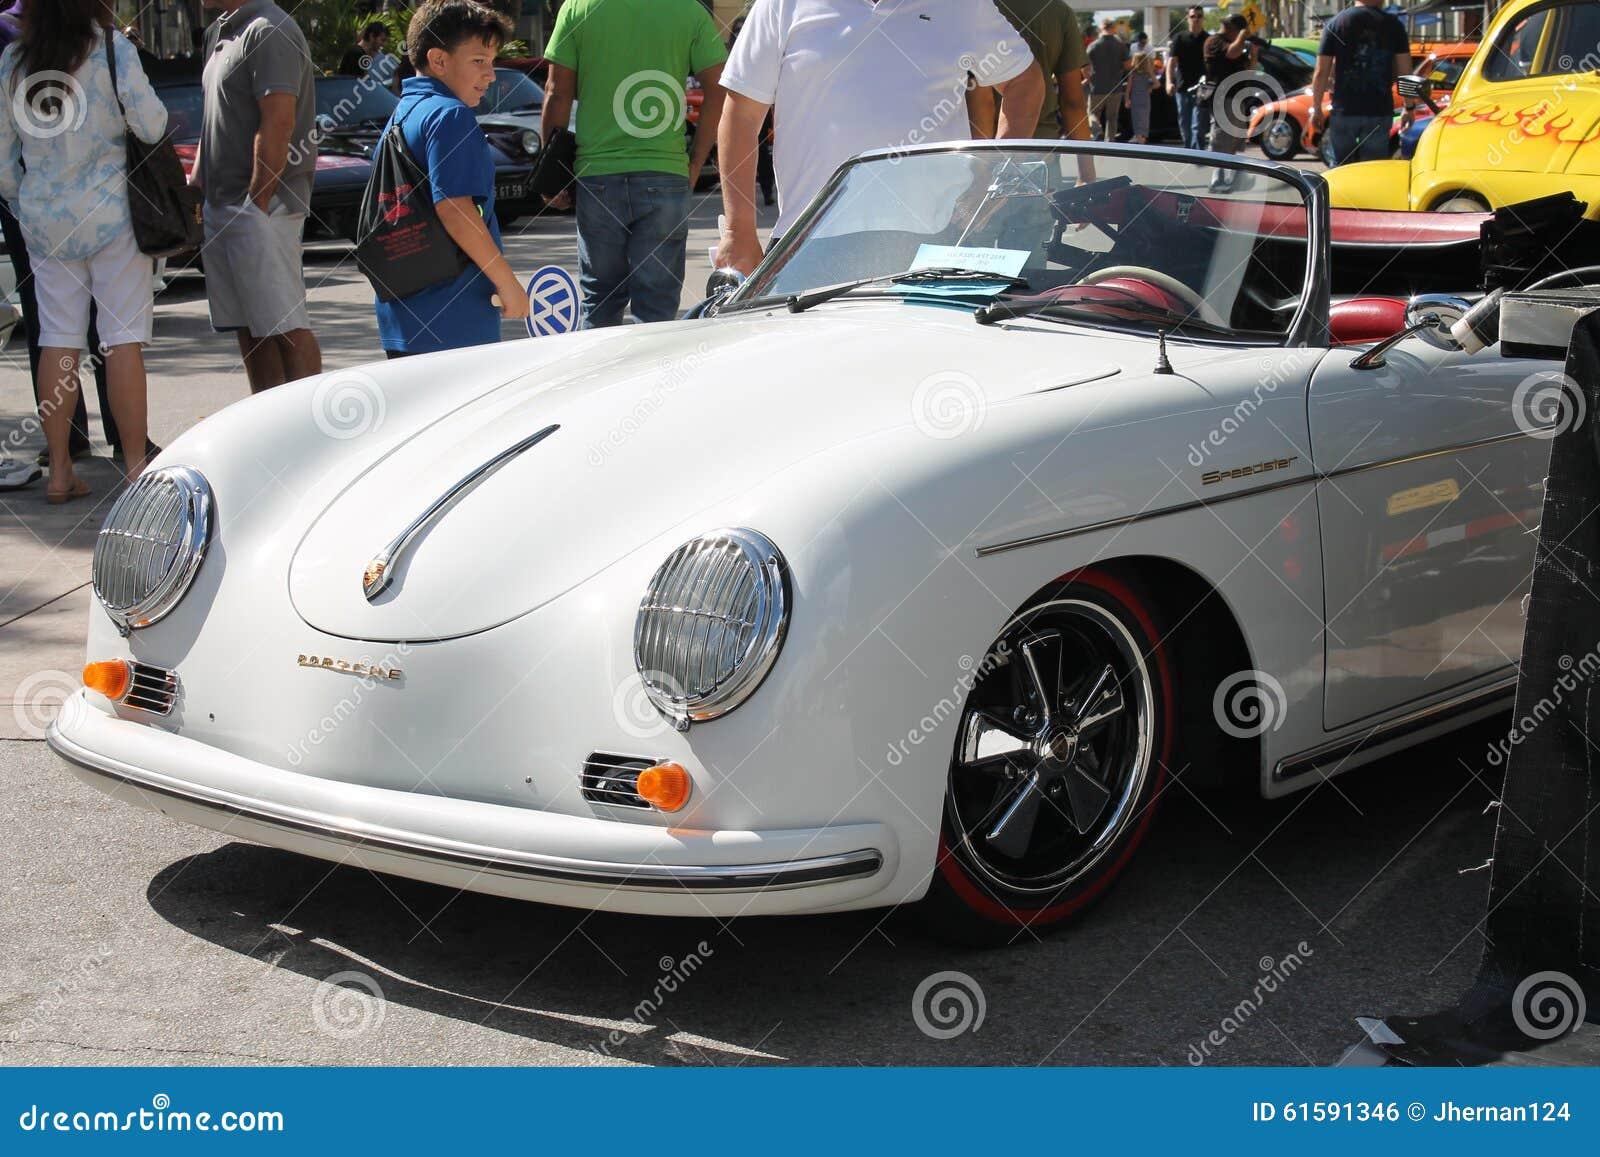 Vintage White Porsche Convertible Stock Photo 61591346